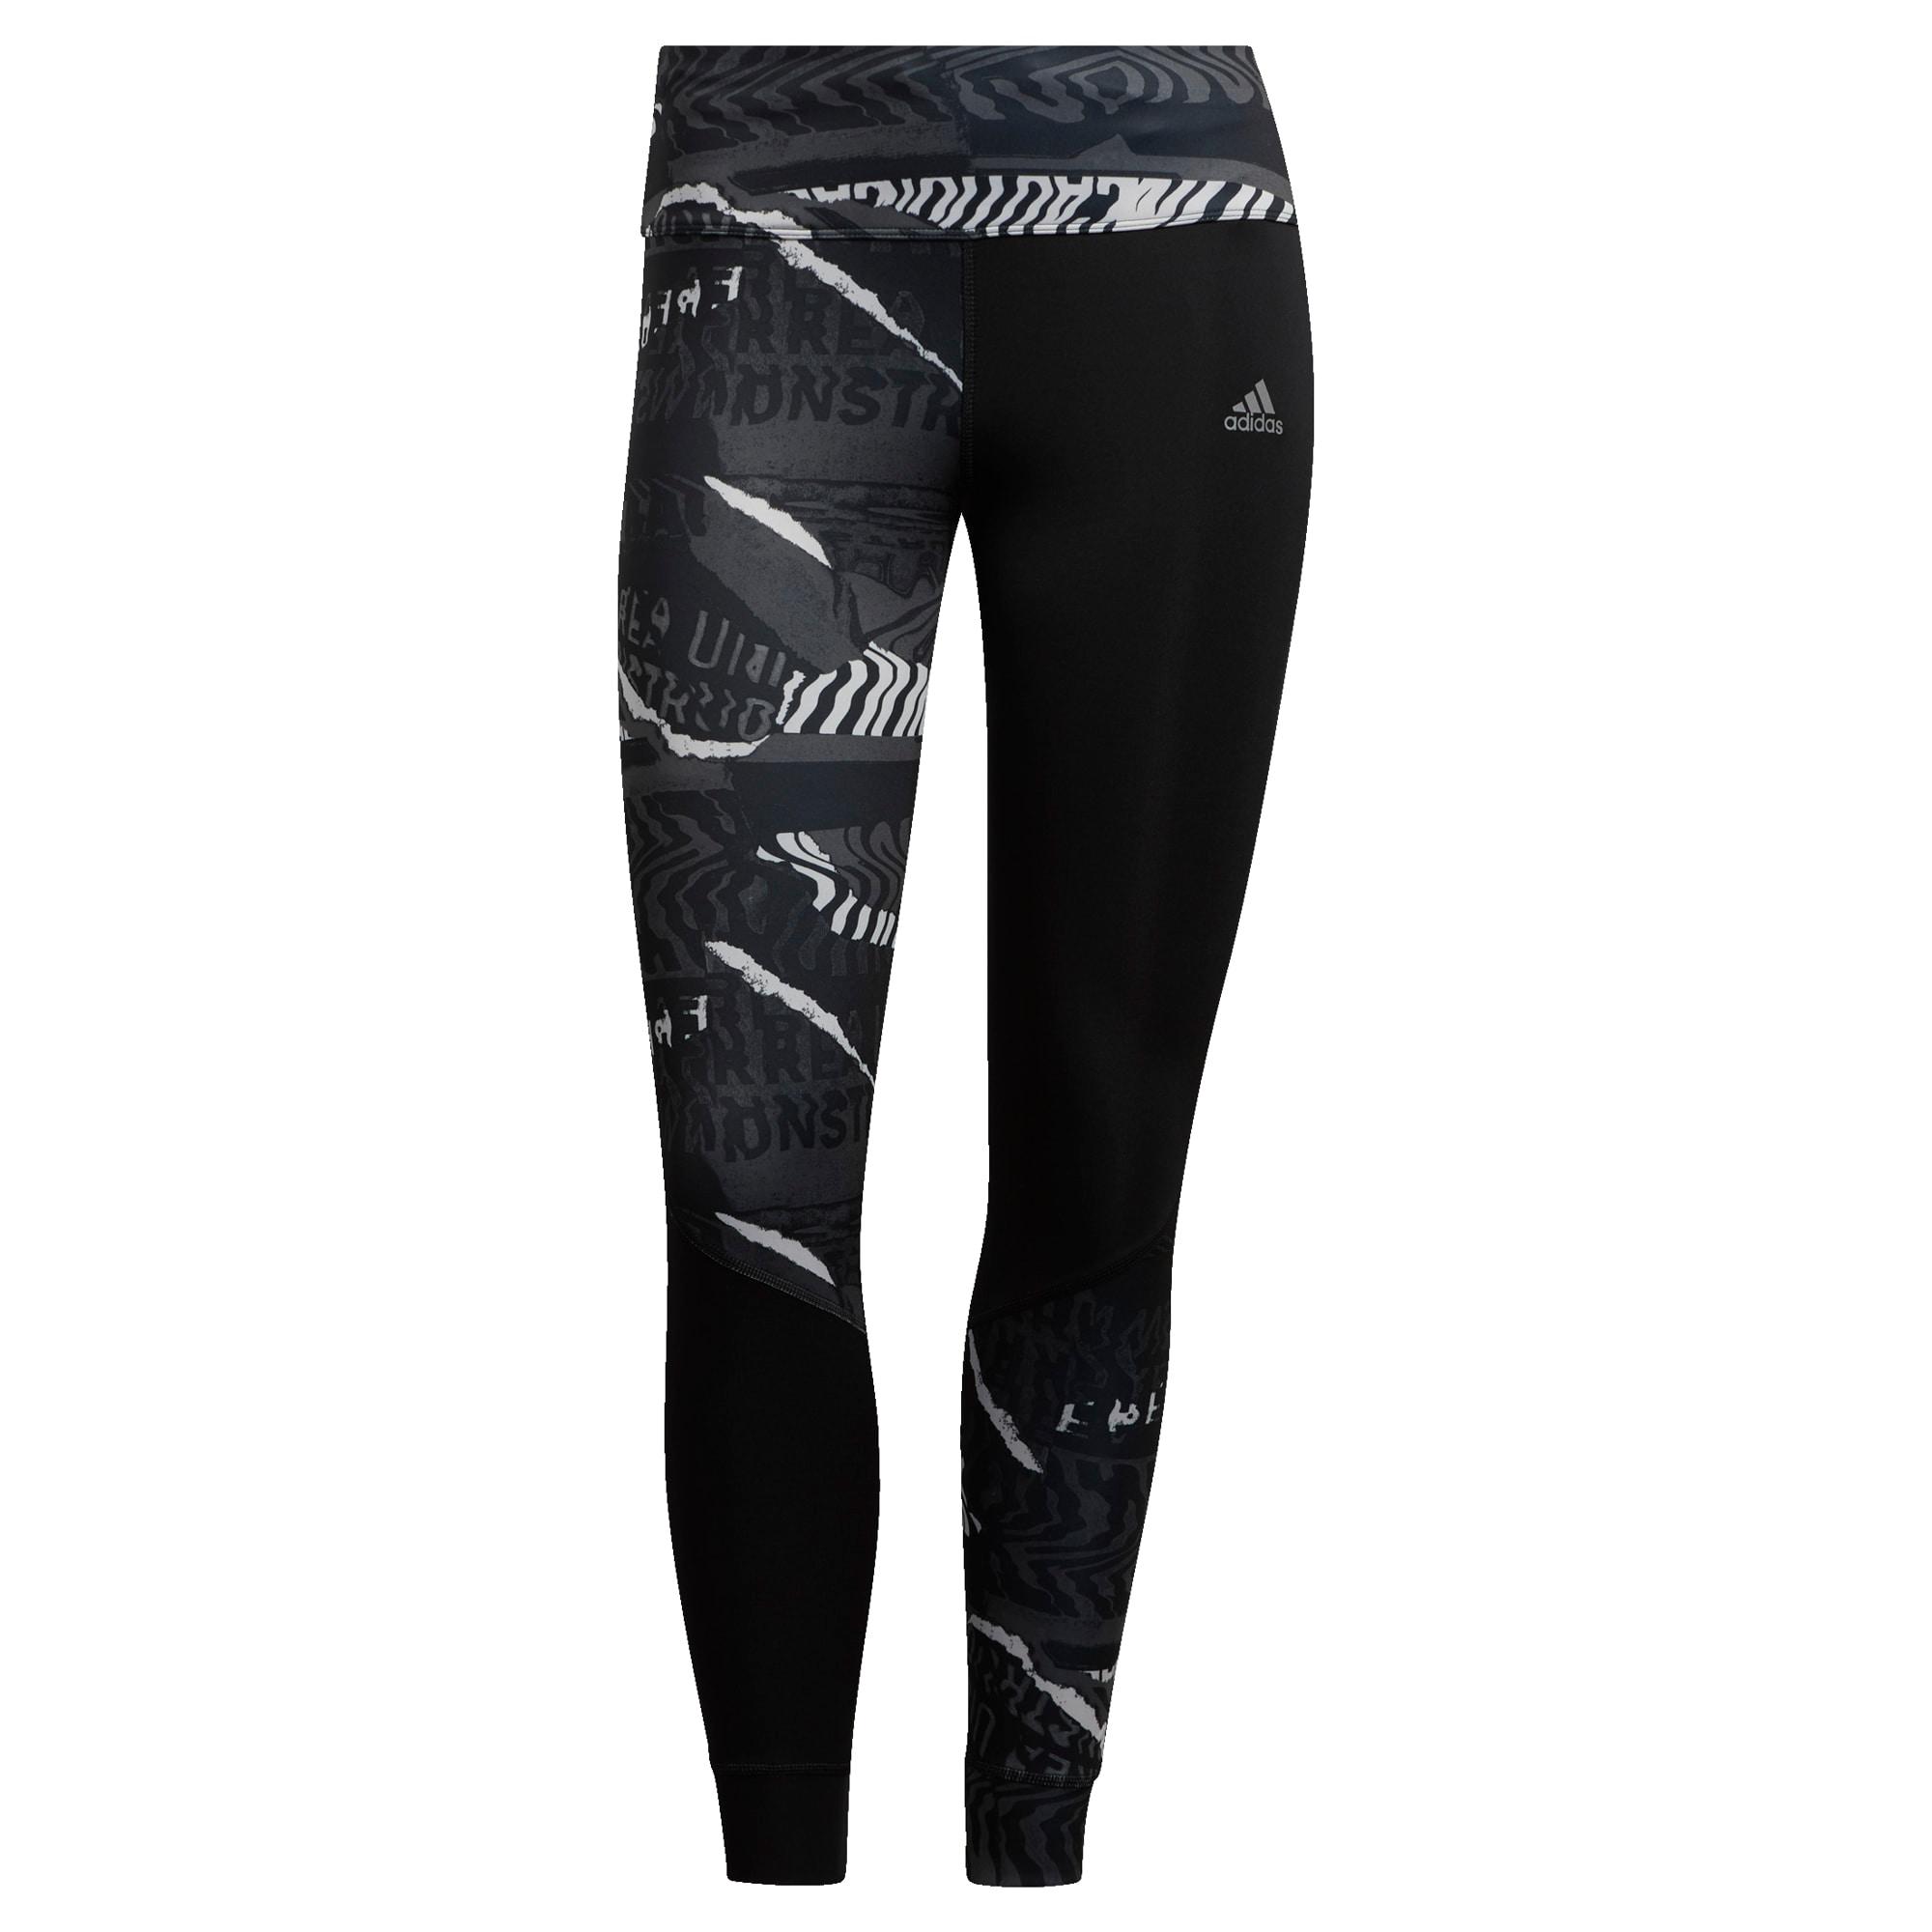 ADIDAS PERFORMANCE Sportinės kelnės juoda / balta / pilka